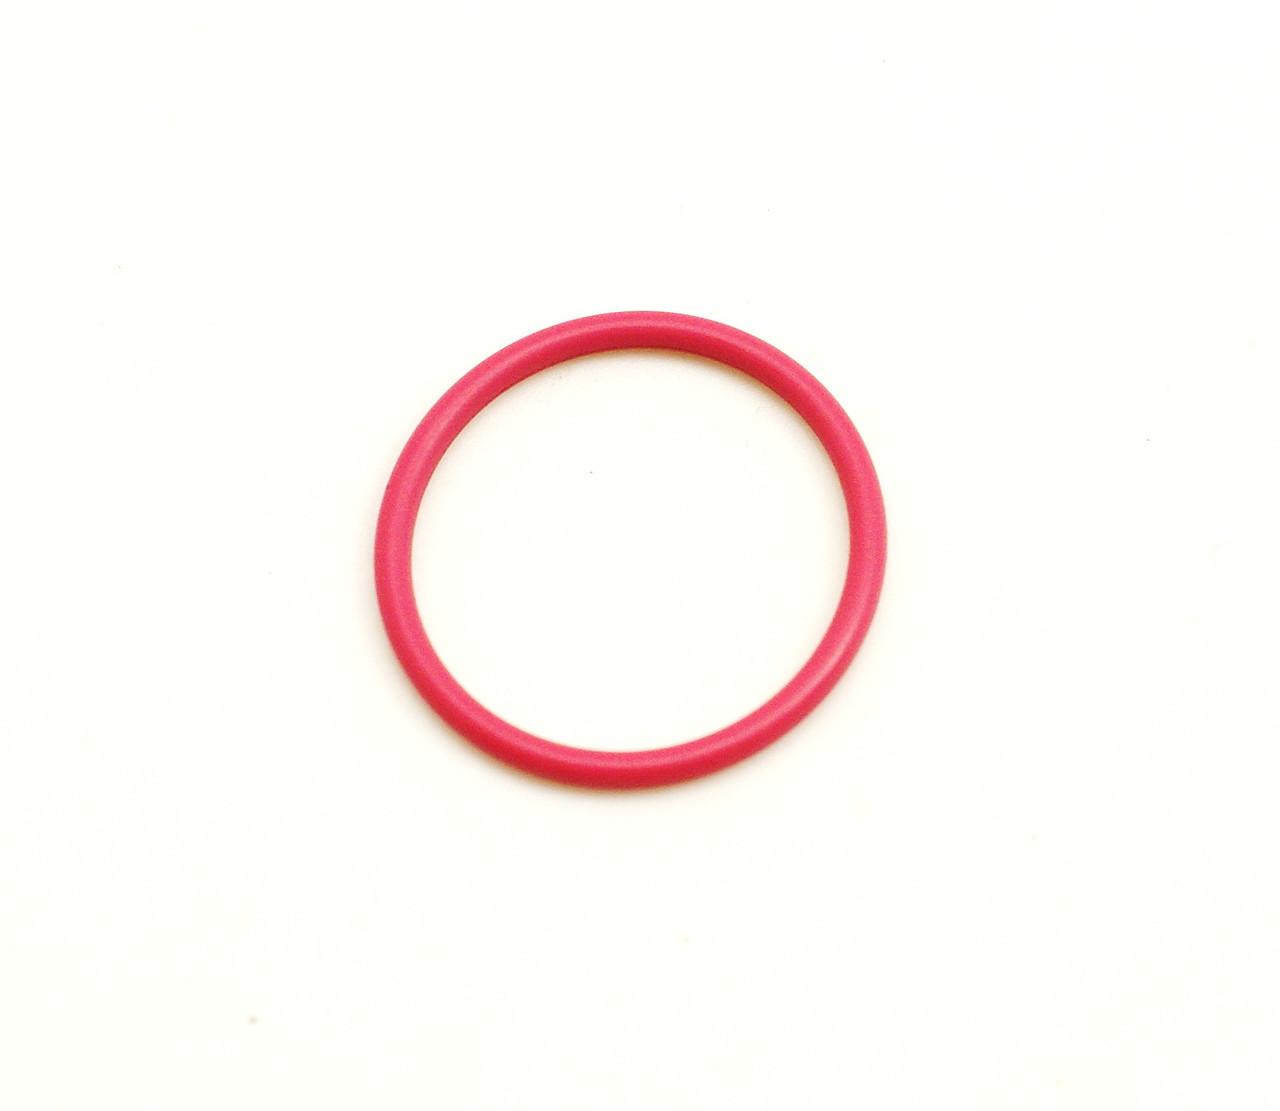 Кольцо уплотнительное крышки маслозаливной горловины Cummins ISL9, QSL 3973512, 3990084, 145533